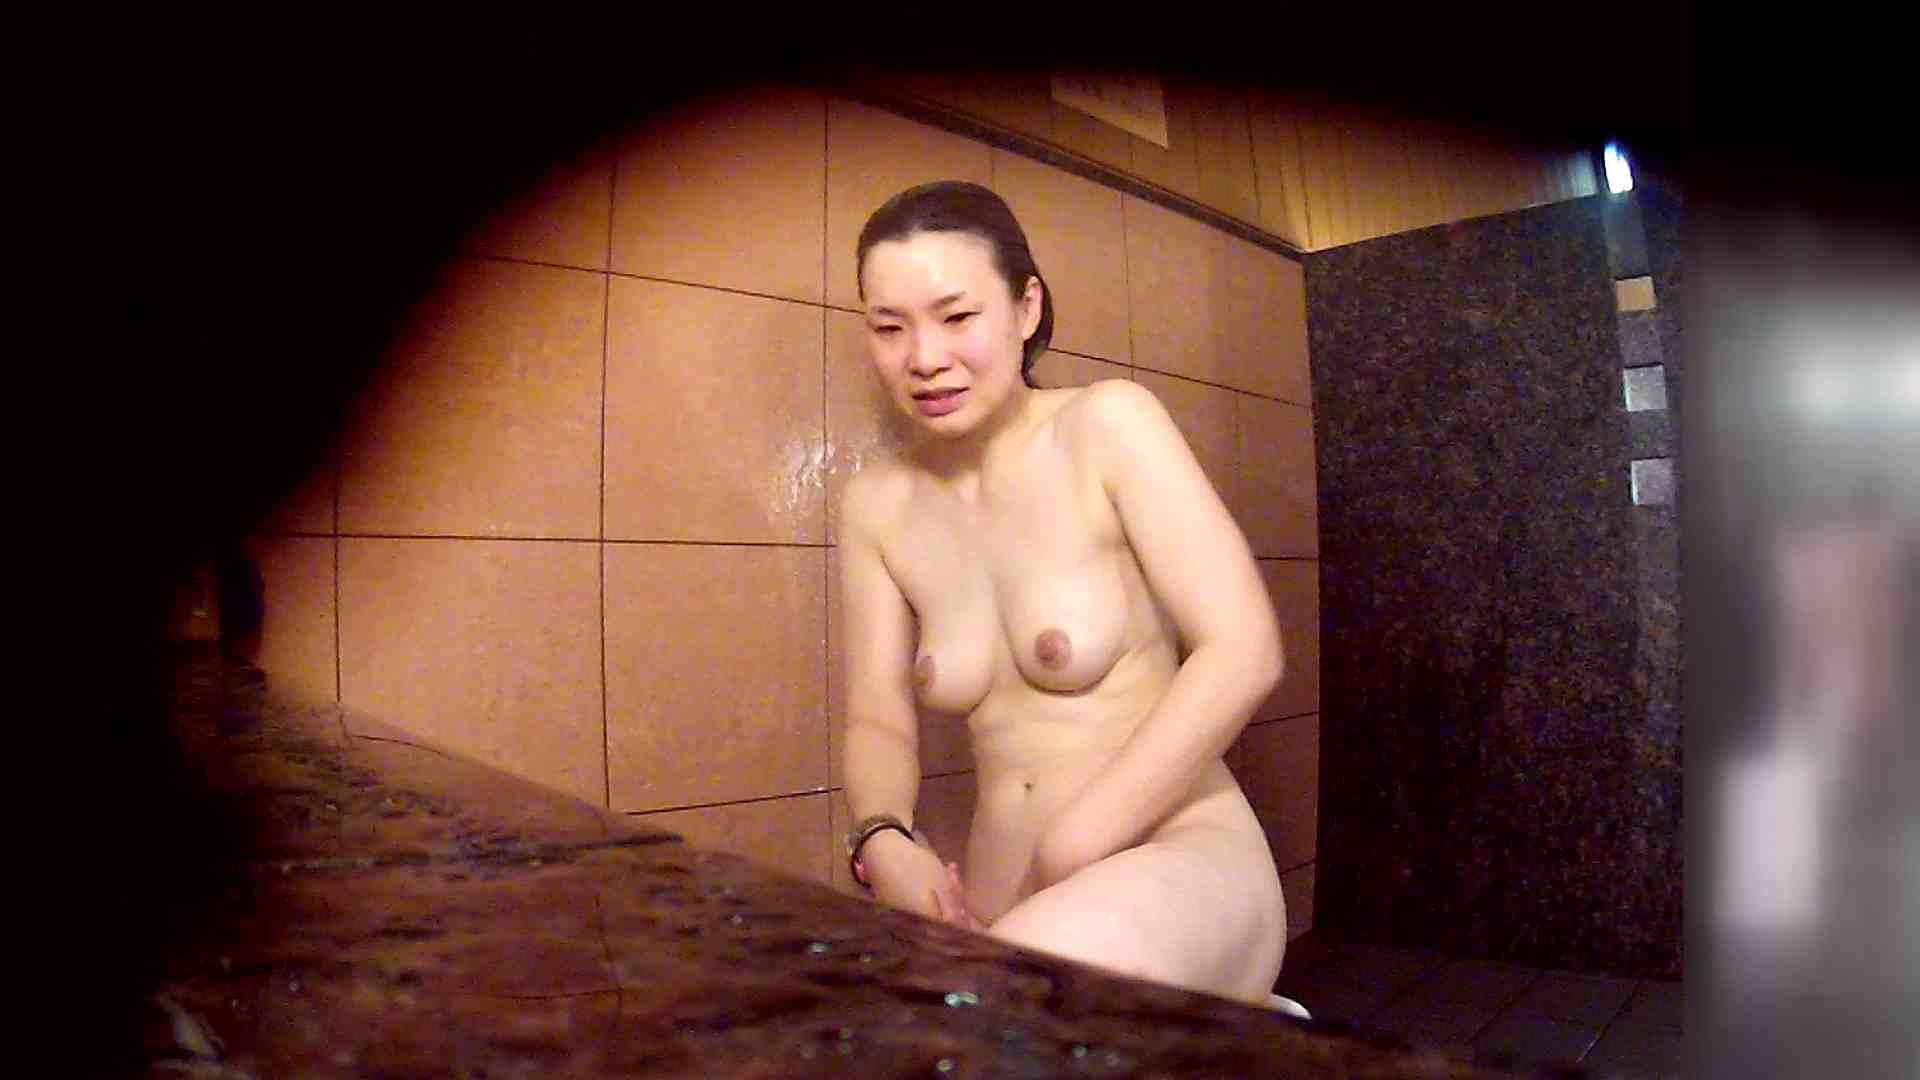 洗い場!マッスルお嬢さん!でもオッパイだけは柔らかそうです。 銭湯   潜入エロ調査  53連発 28